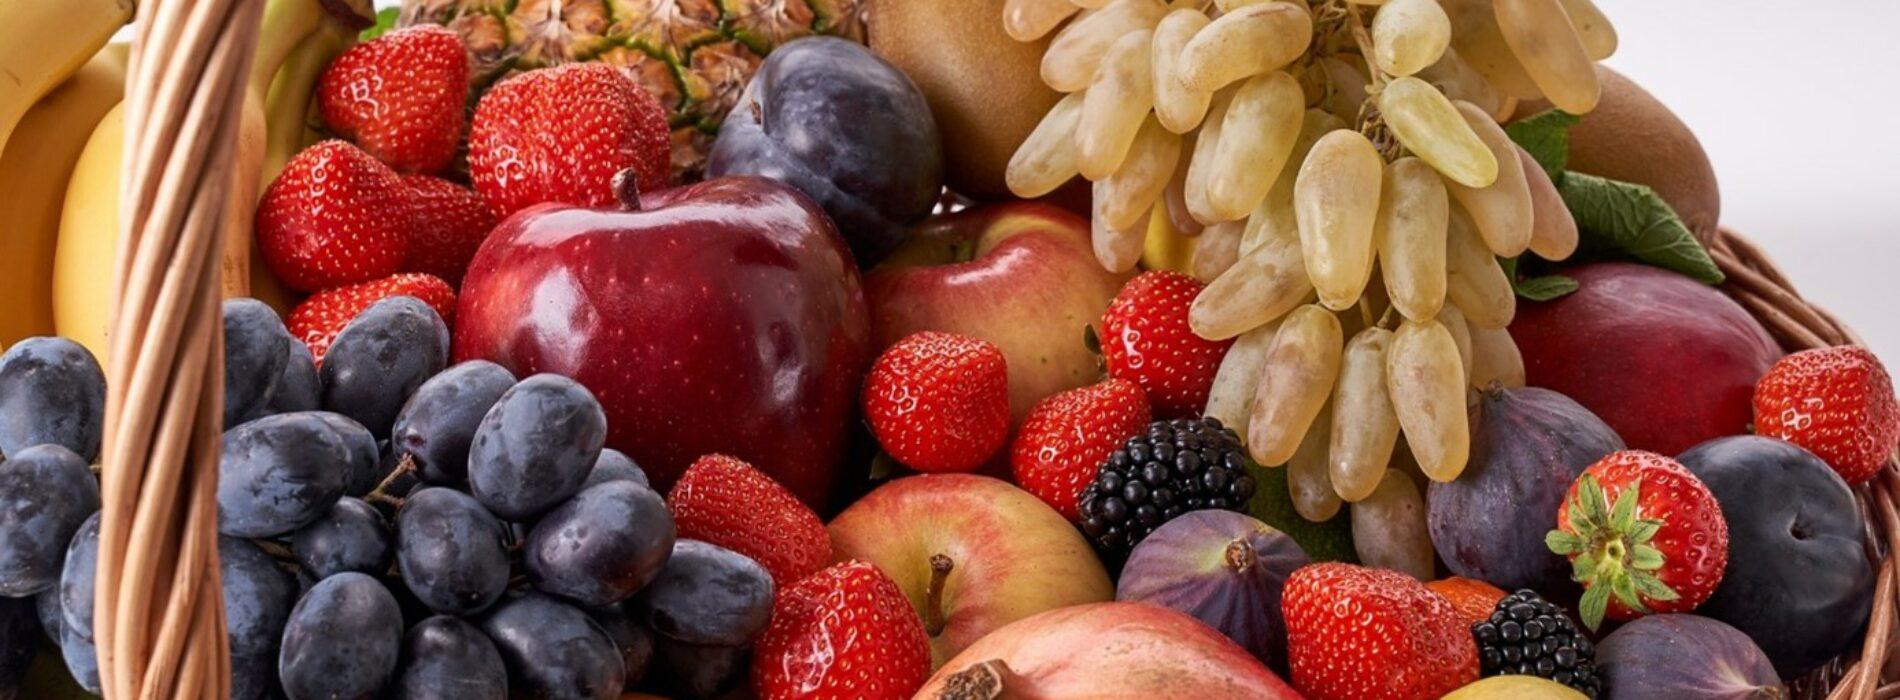 Skrzynki z owocami dla pracowników – sprawdź, dlaczego warto!